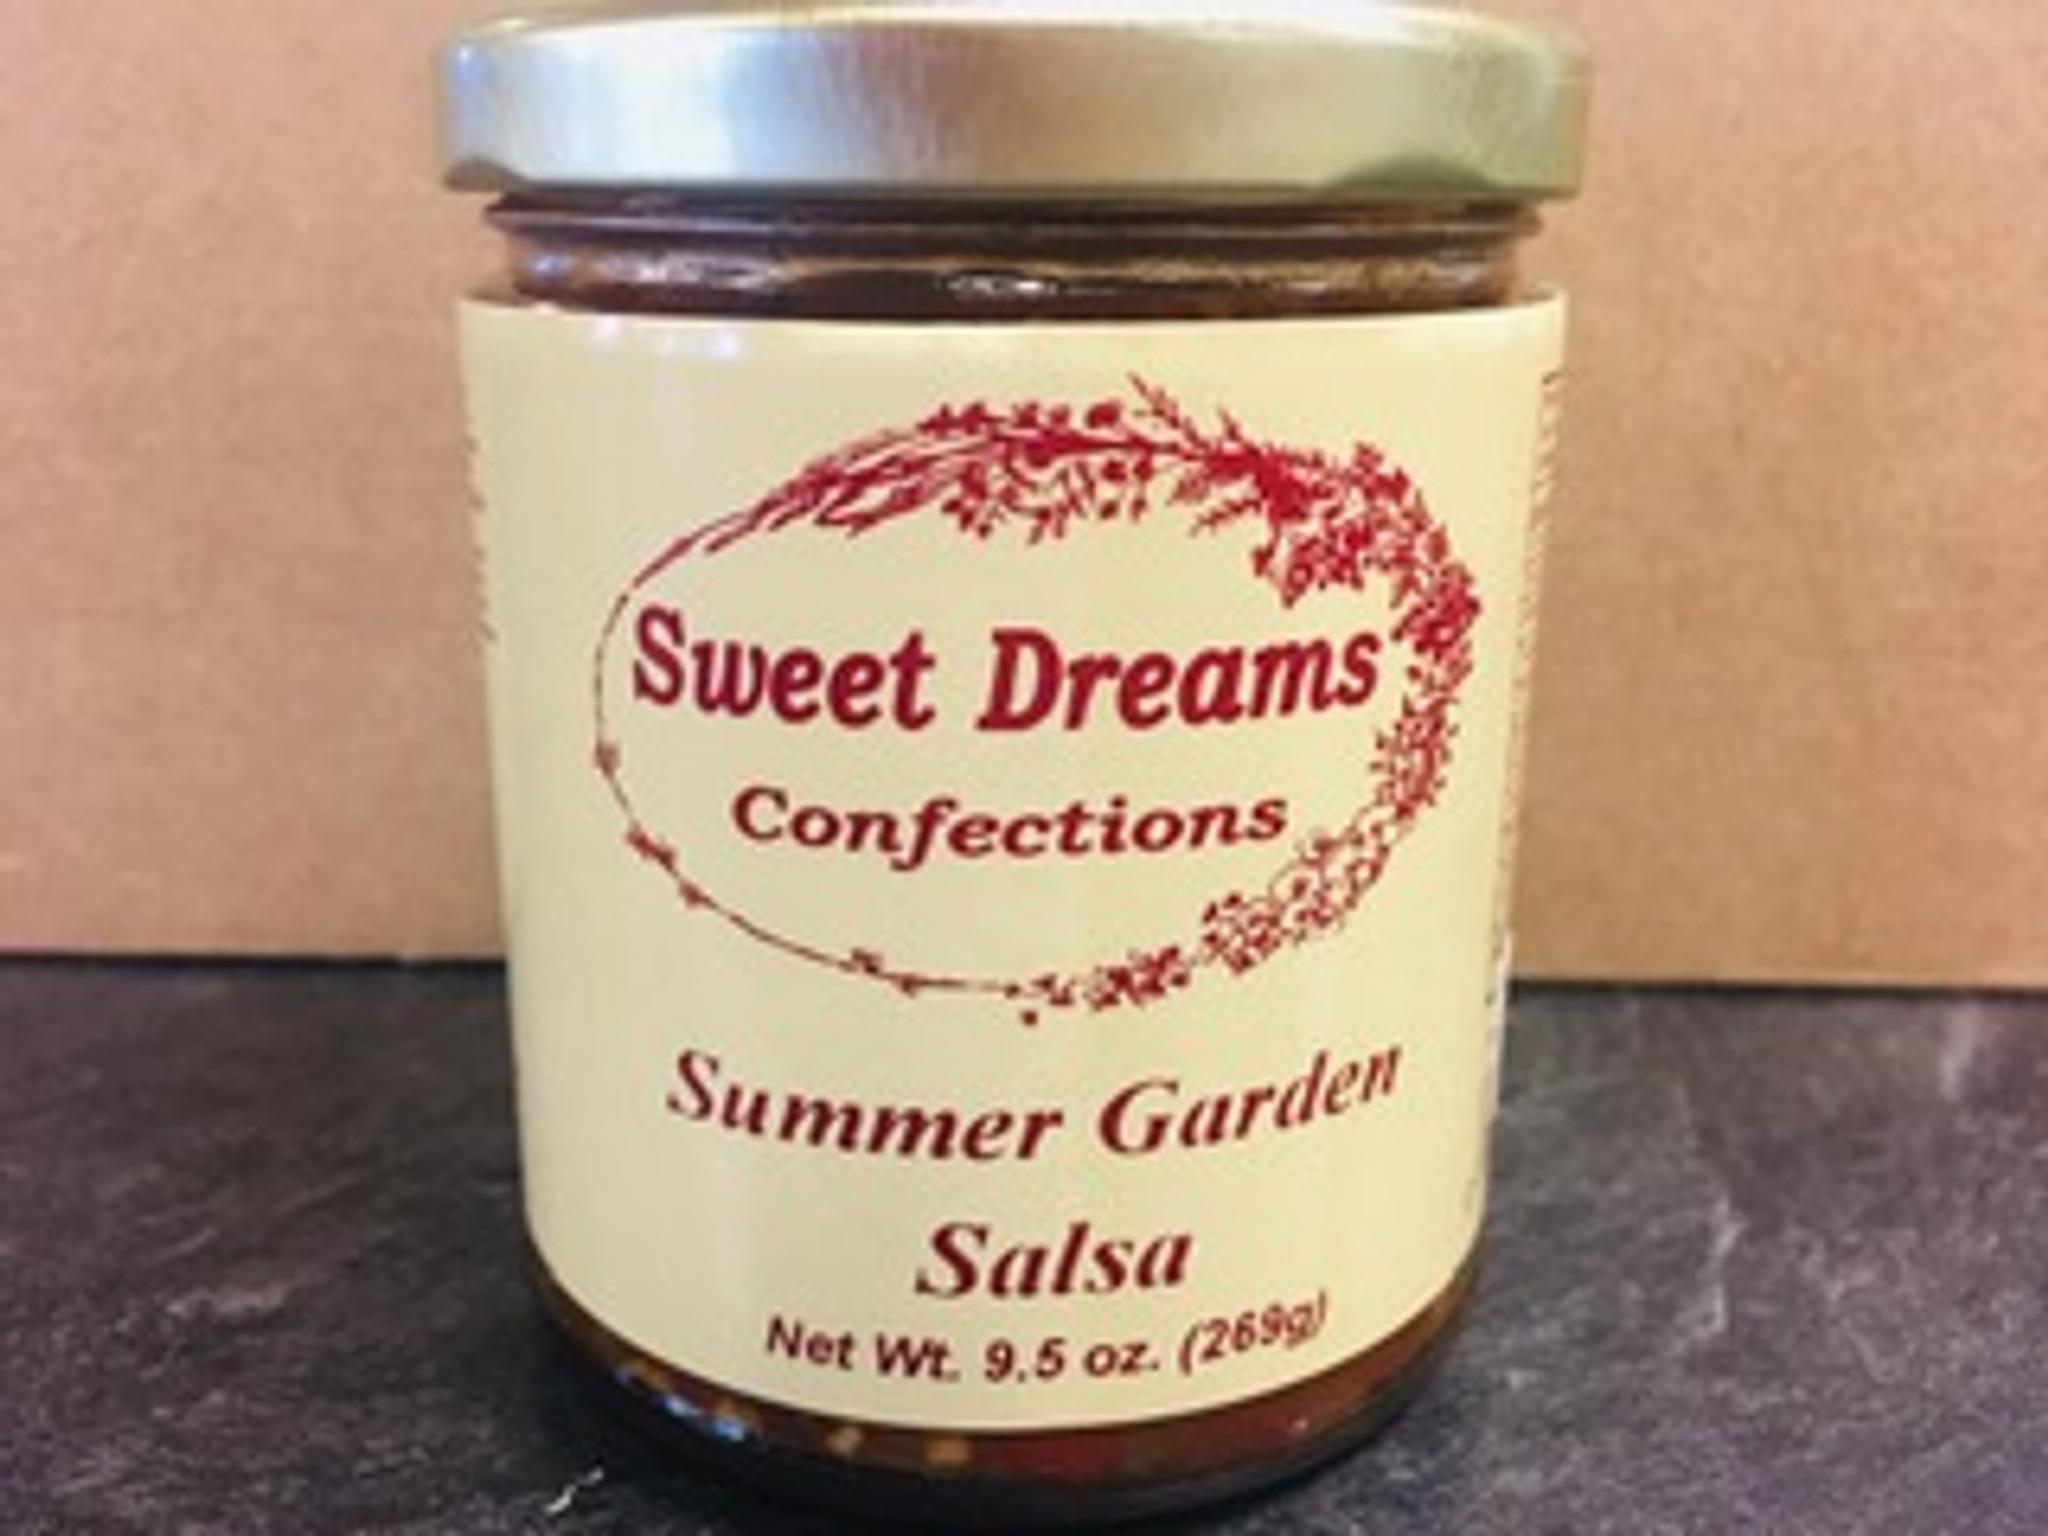 Summer Garden Salsa